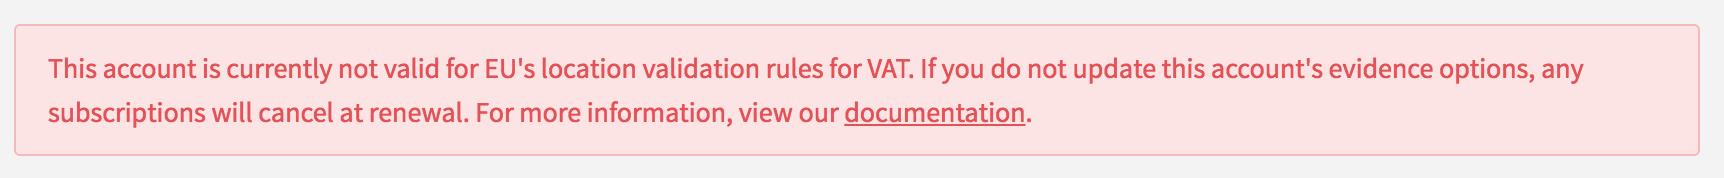 VAT Location Validation